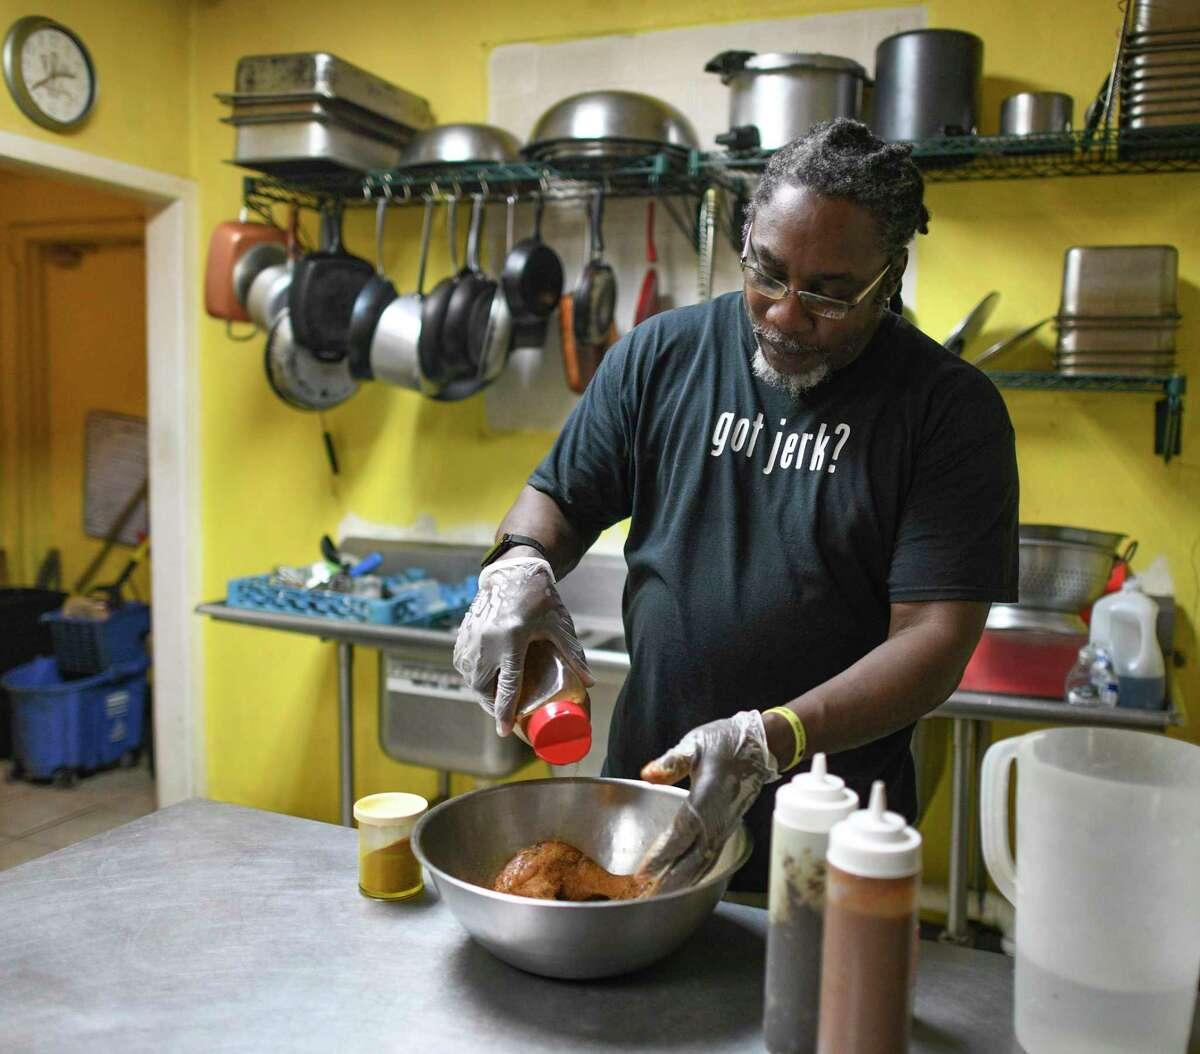 Angello Gordon prepares jerk chicken at Jamaica Jamaica Cuisine, which has served San Antonio since 2011.